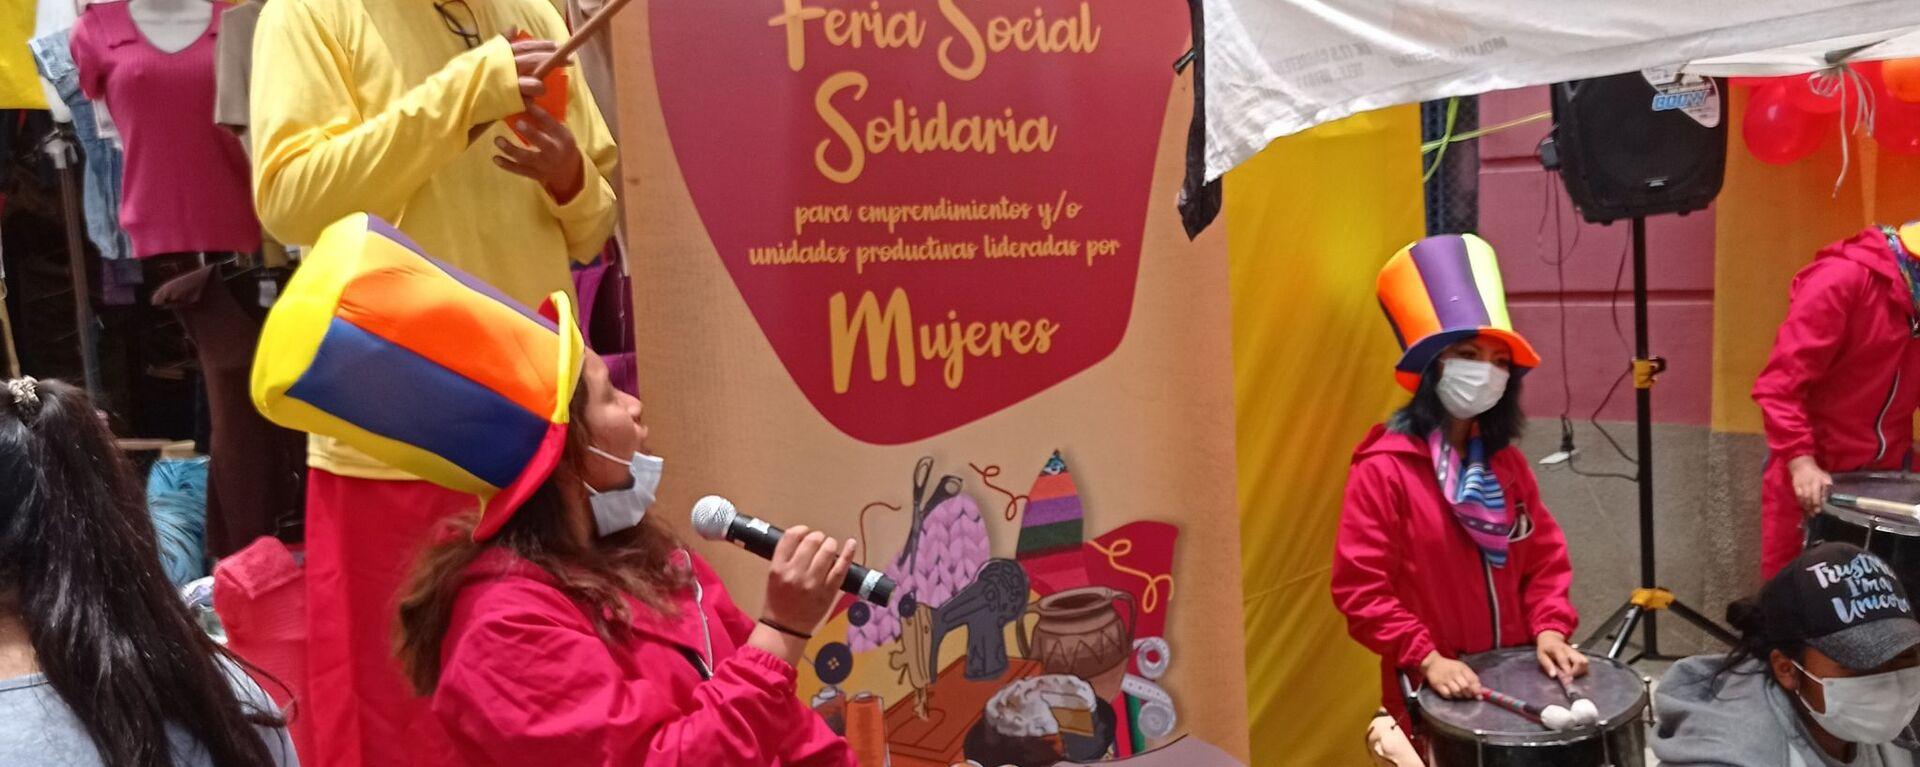 Feria Social Solidaria para emprendimientos y unidades productivas lideradas por Mujeres, en El Alto - Sputnik Mundo, 1920, 11.12.2020